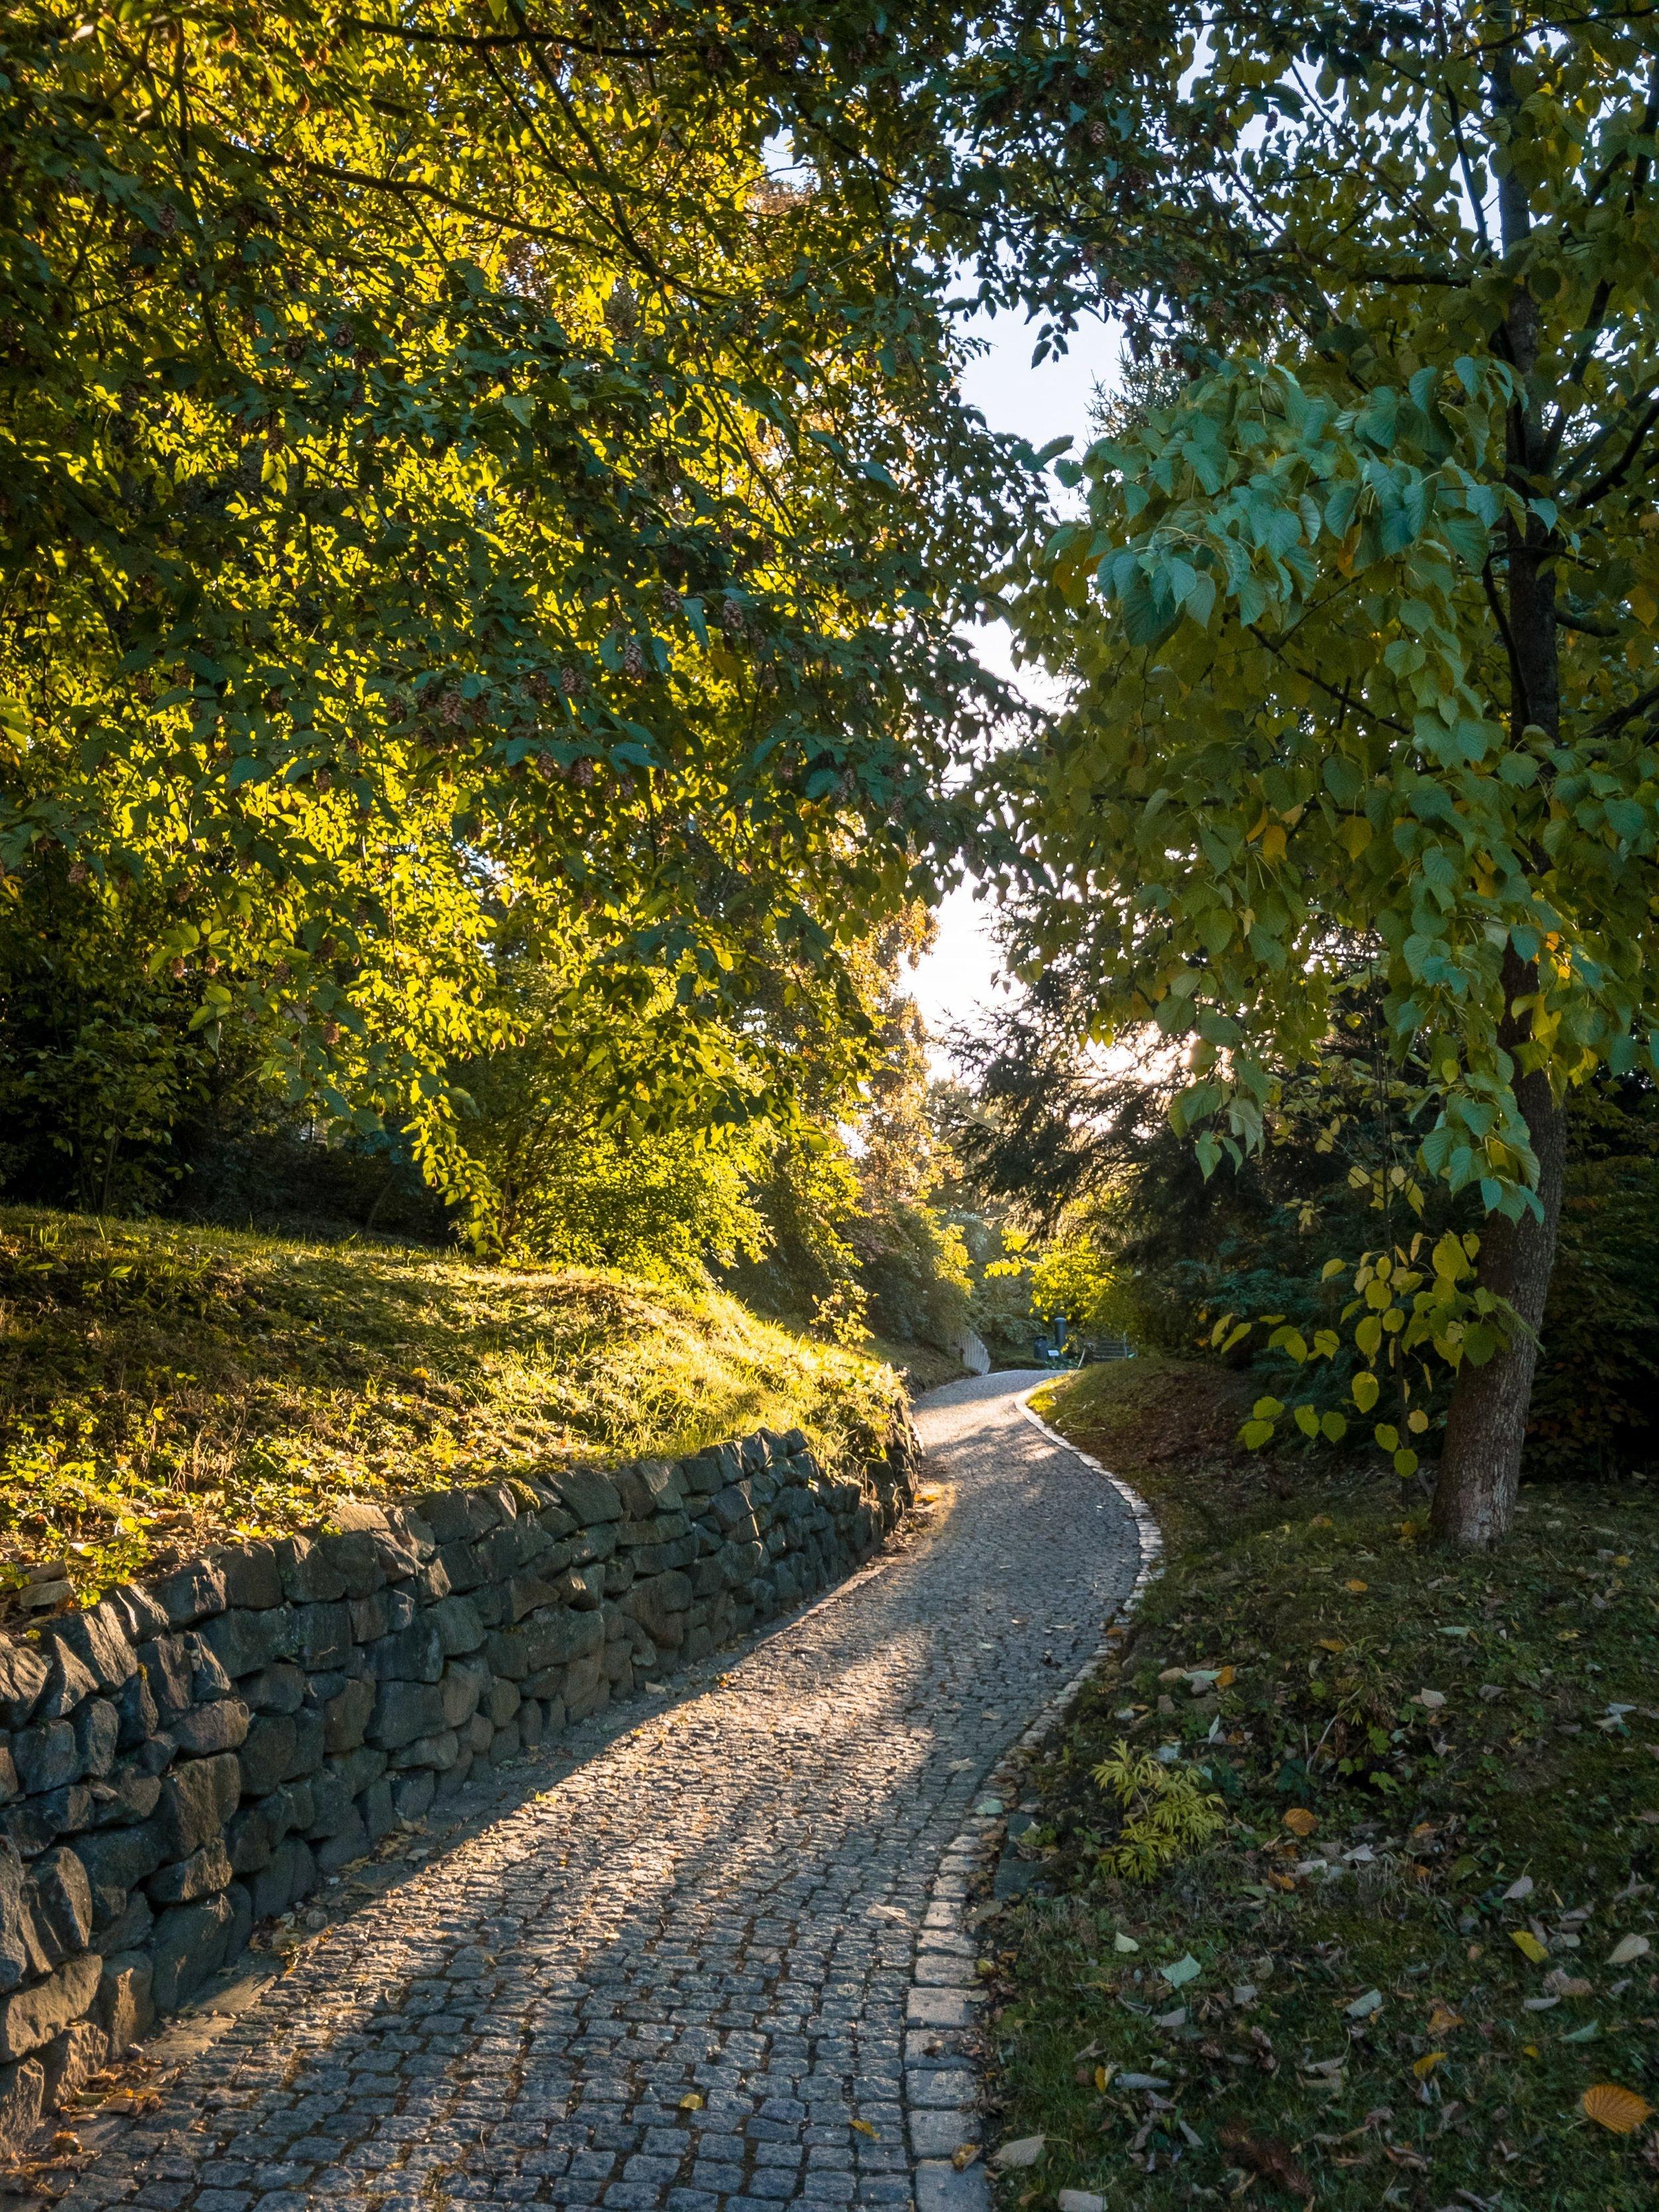 APC_0365-hdr - Herbst ShotoniPhone Autumn Blätter Leaves Sun Sonne Light Threes Licht Bäume Baum Stadt Osnabrück.jpg